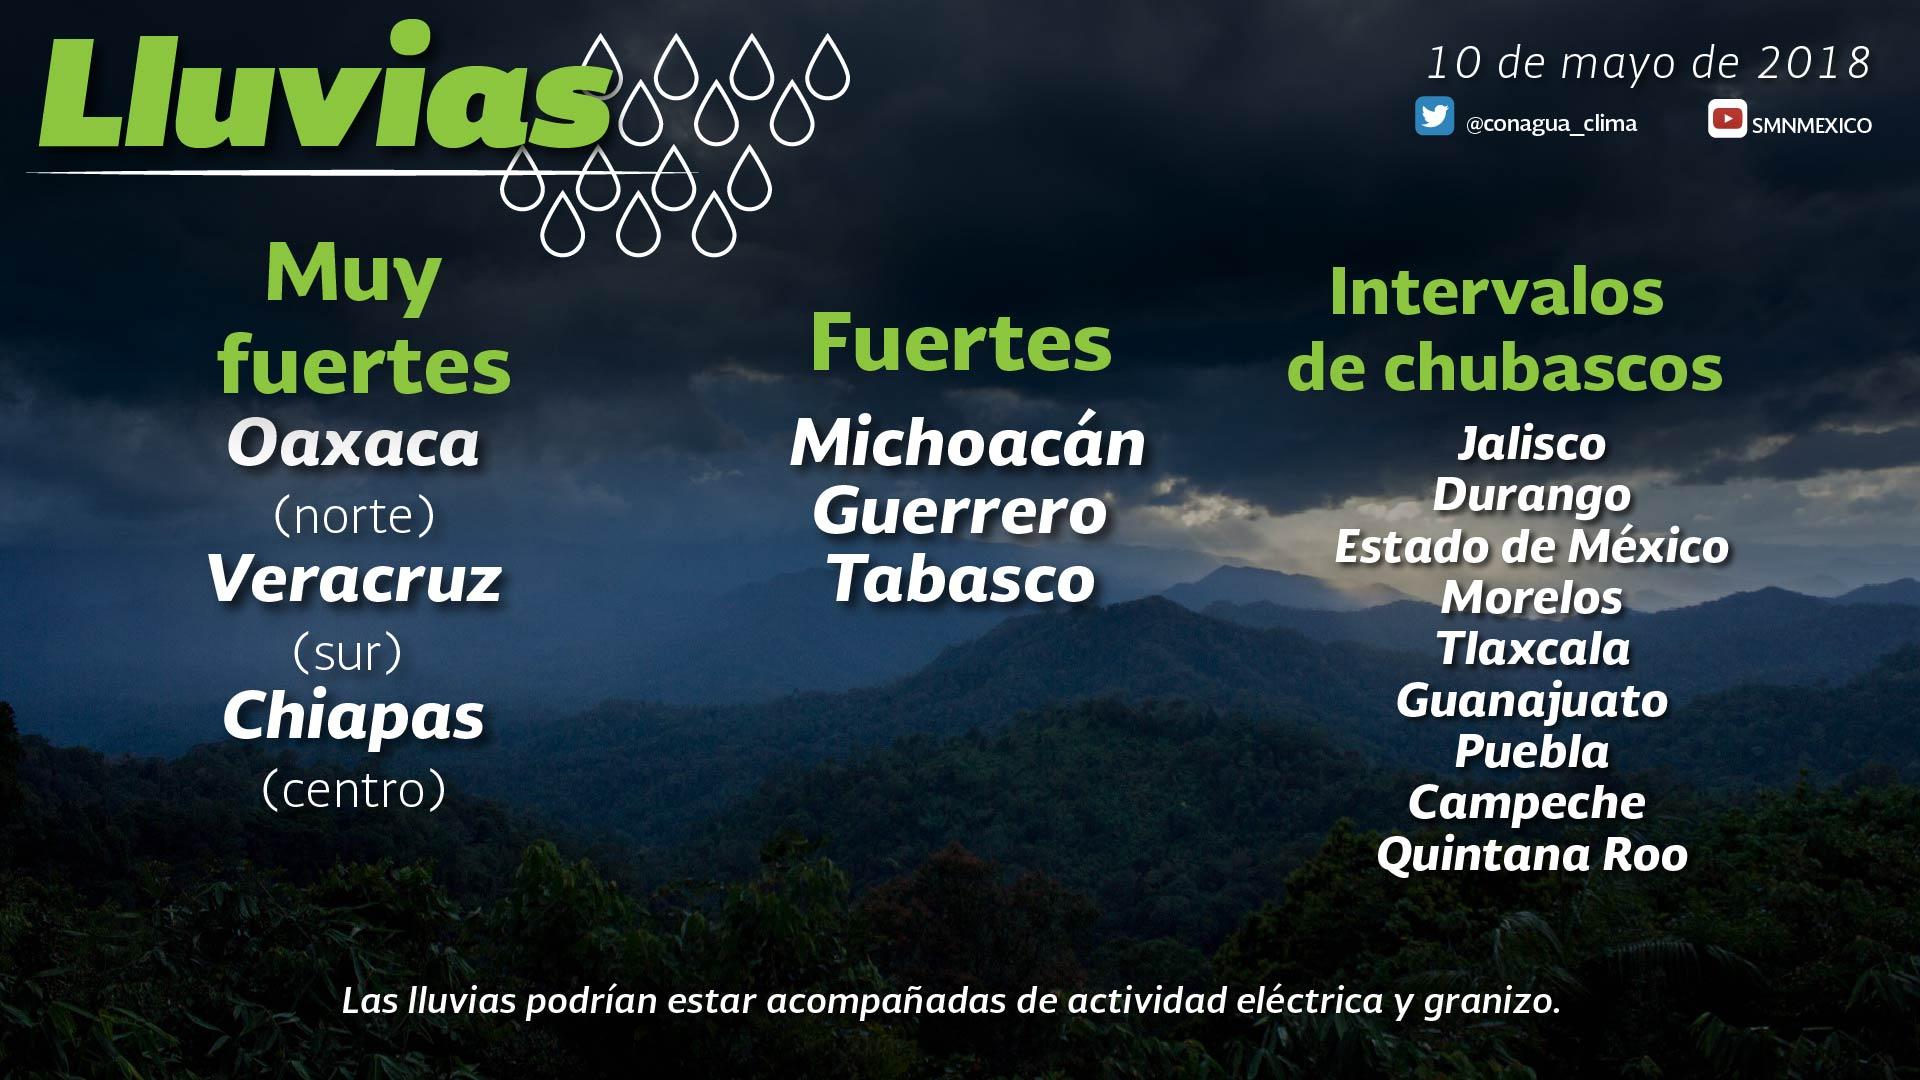 En el norte de Oaxaca, el sur de Veracruz y el centro de Chiapas, se prevén lluvias muy fuertes